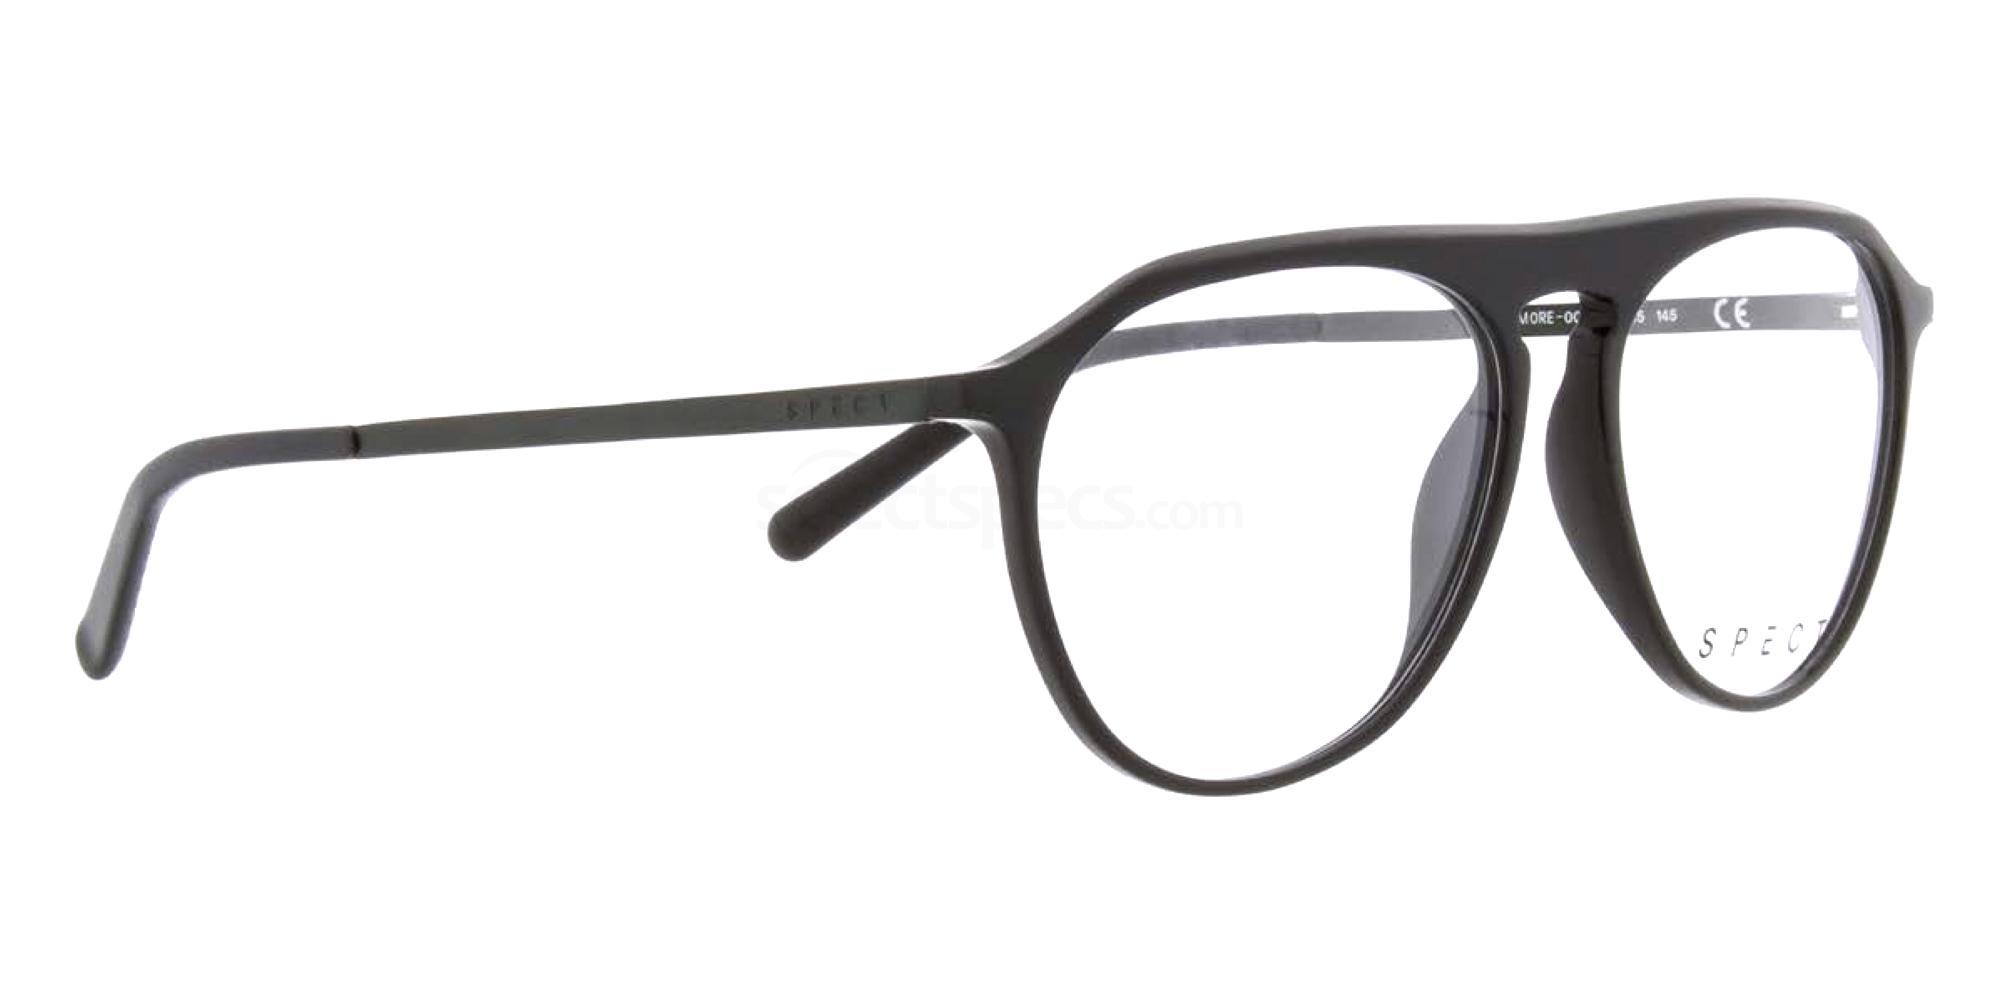 001 ELSMORE Glasses, SPECT